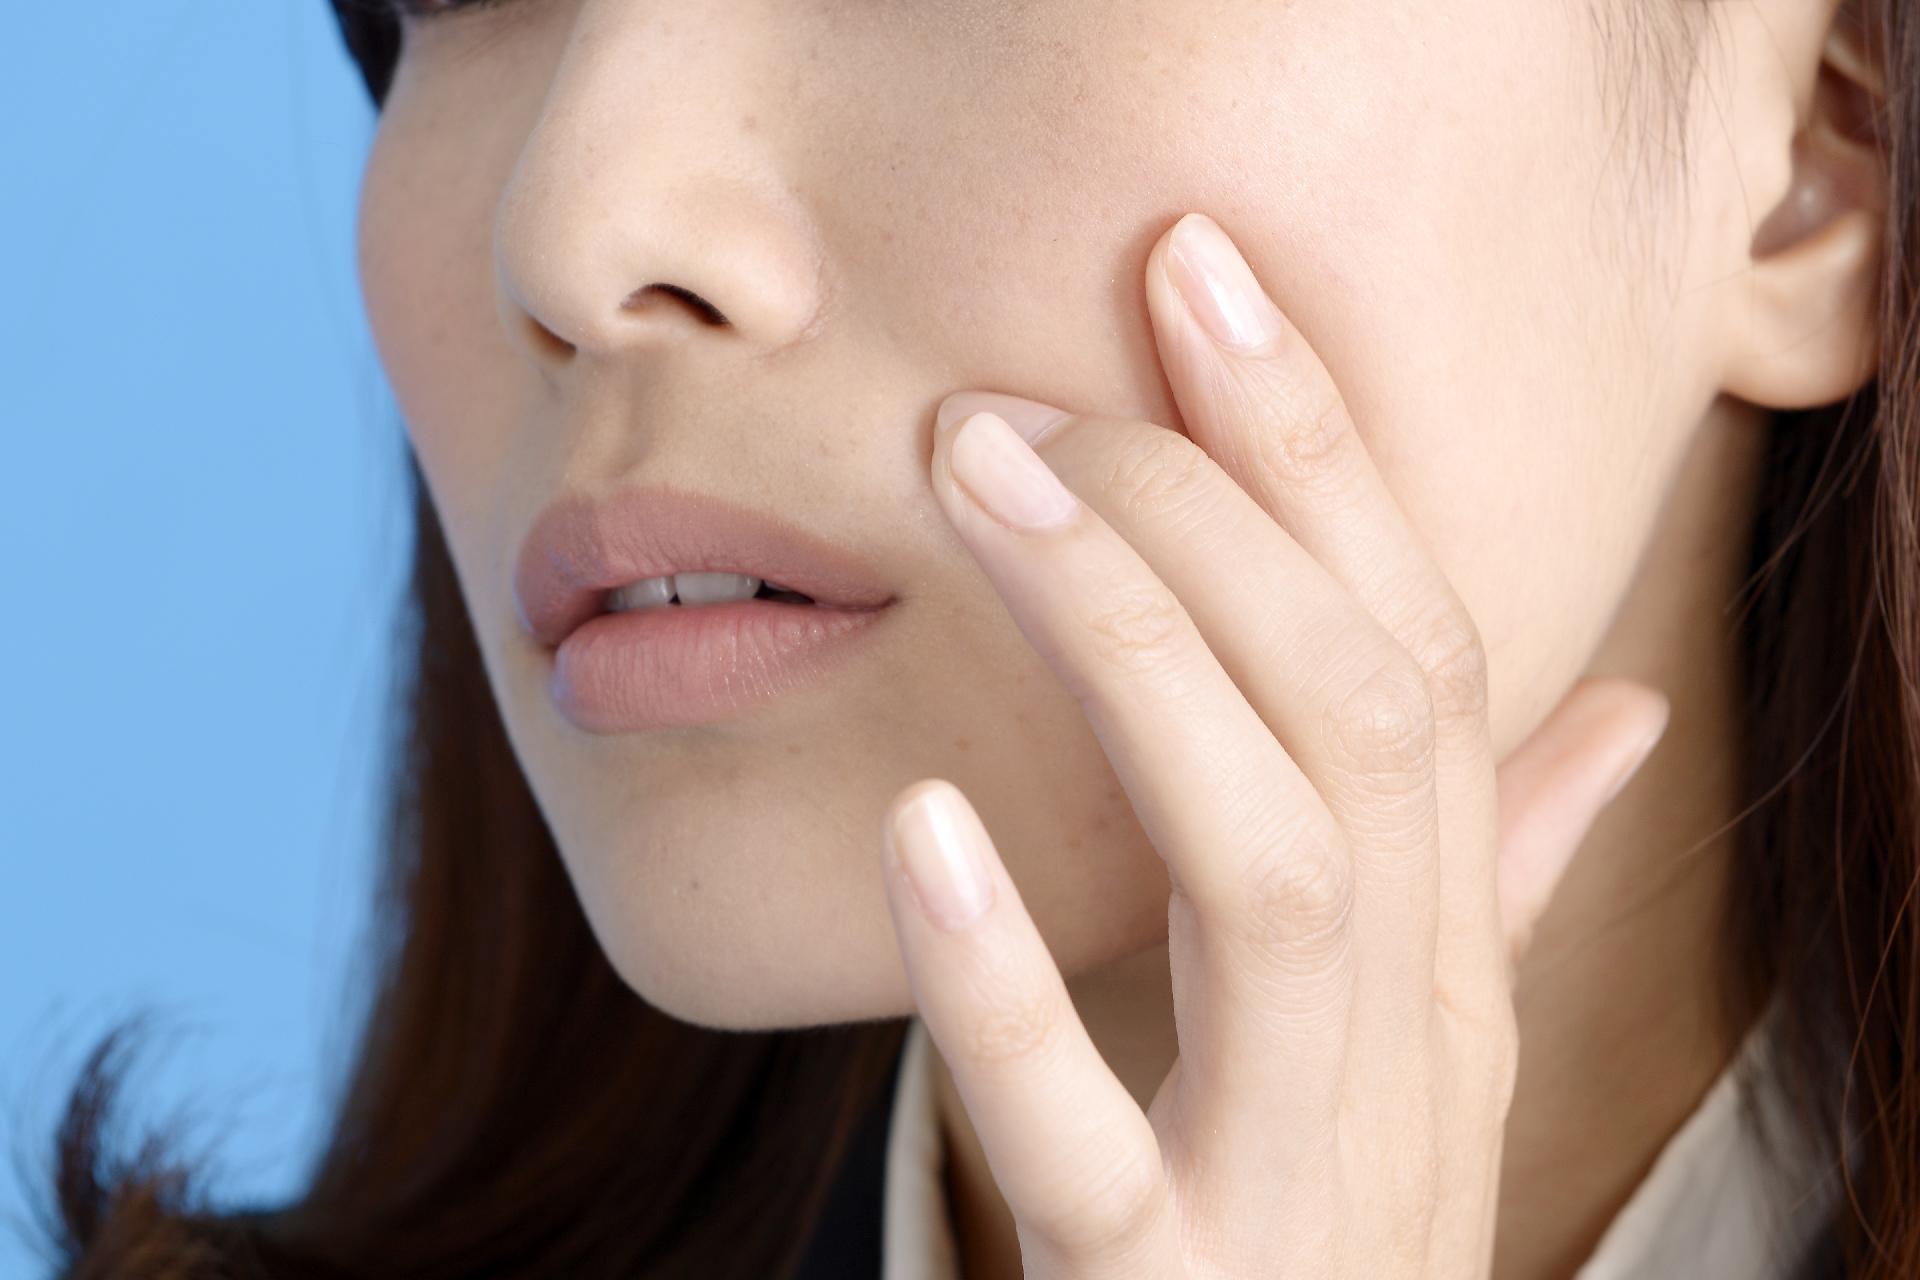 妊娠中の肌荒れ対策!赤みやかゆみの原因は?敏感肌おすすめファンデ